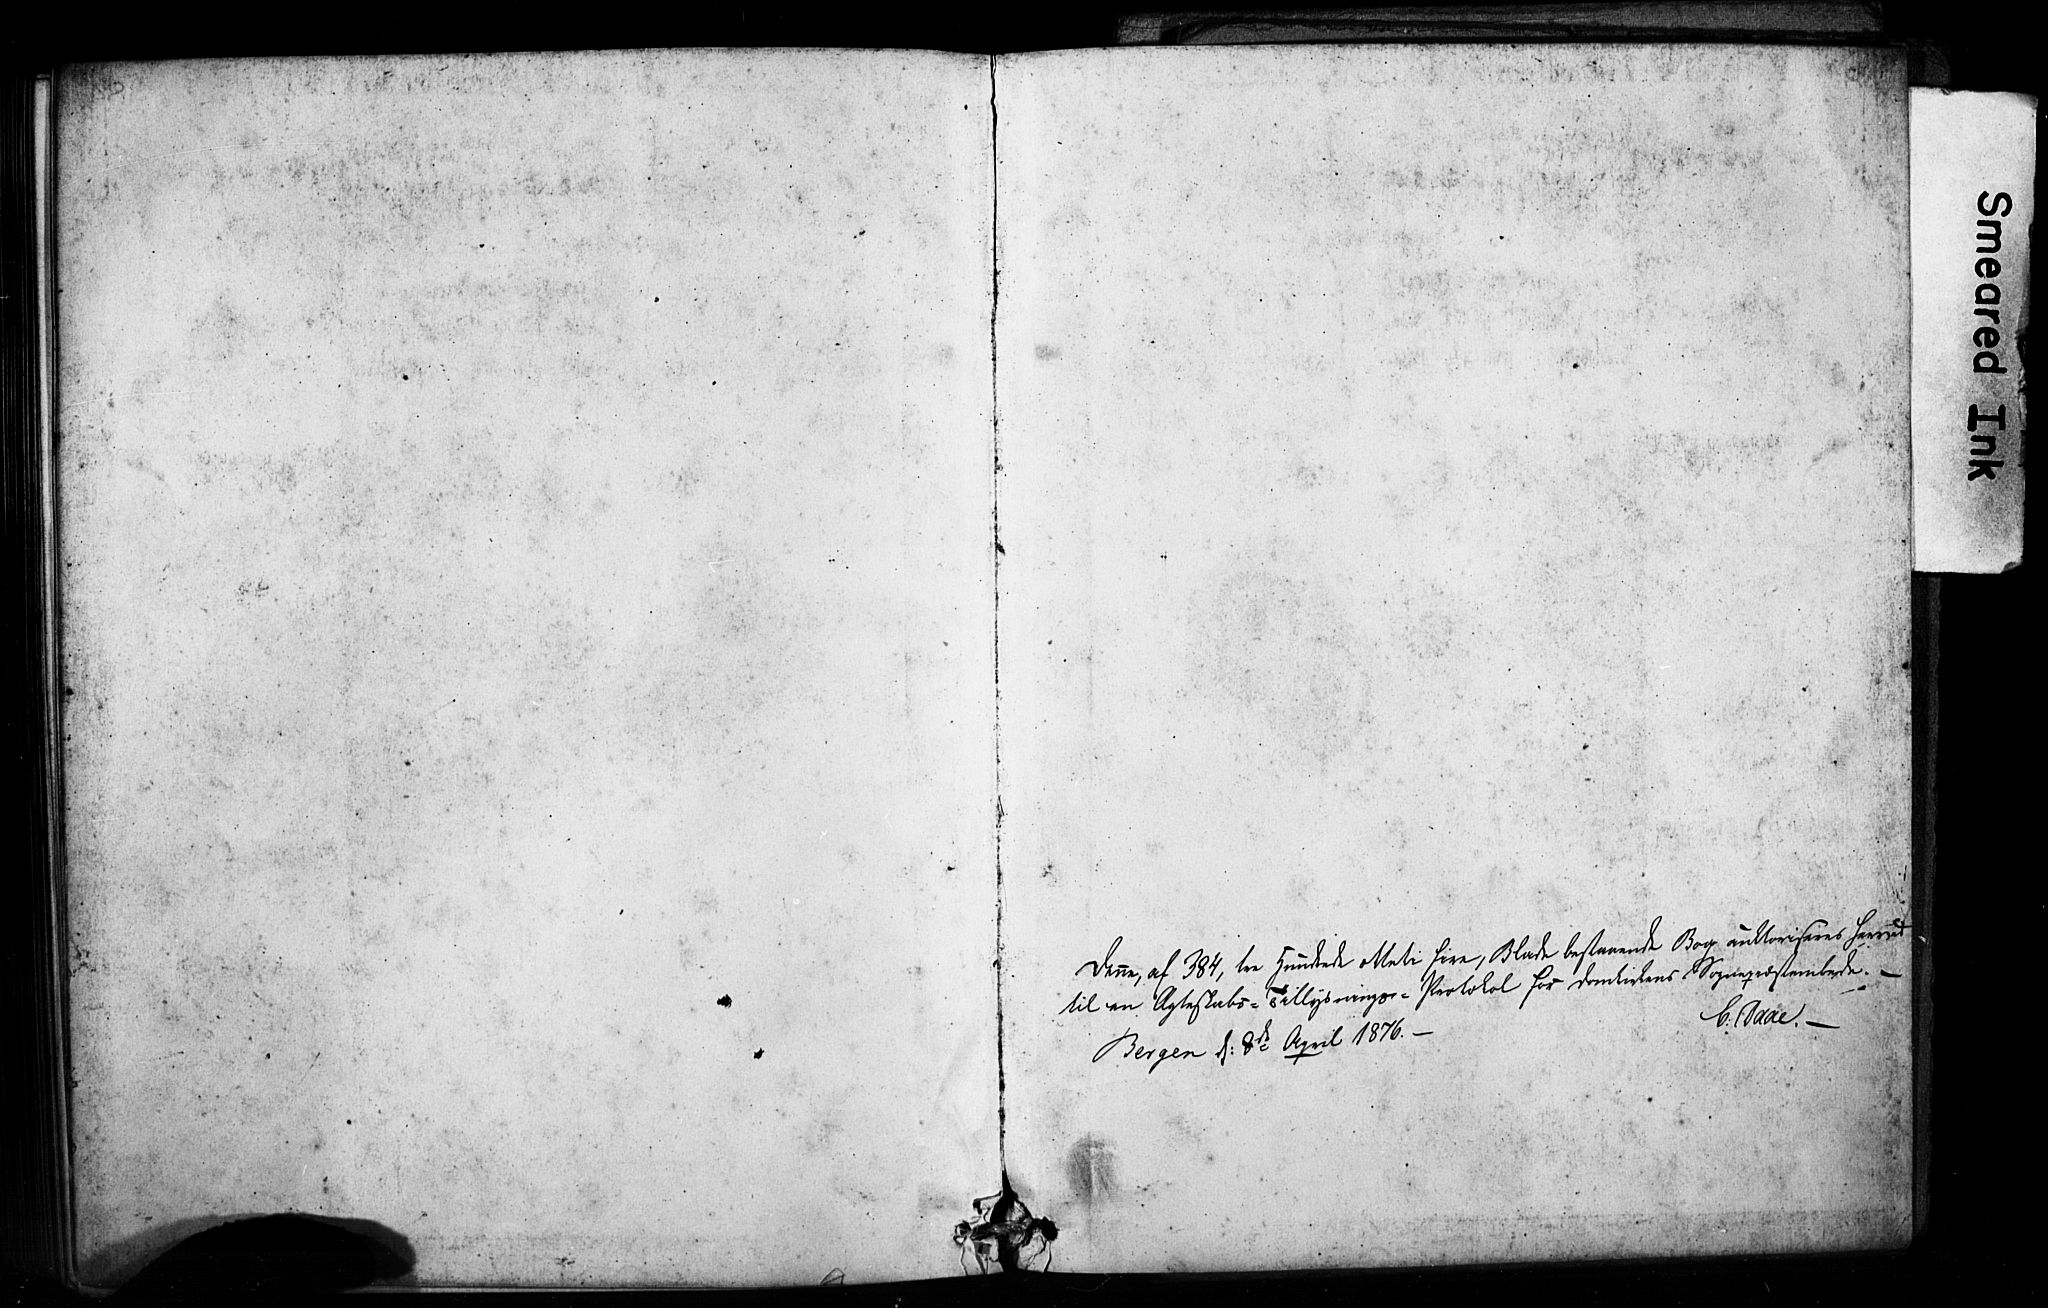 SAB, Domkirken Sokneprestembete, Forlovererklæringer nr. II.5.8, 1876-1882